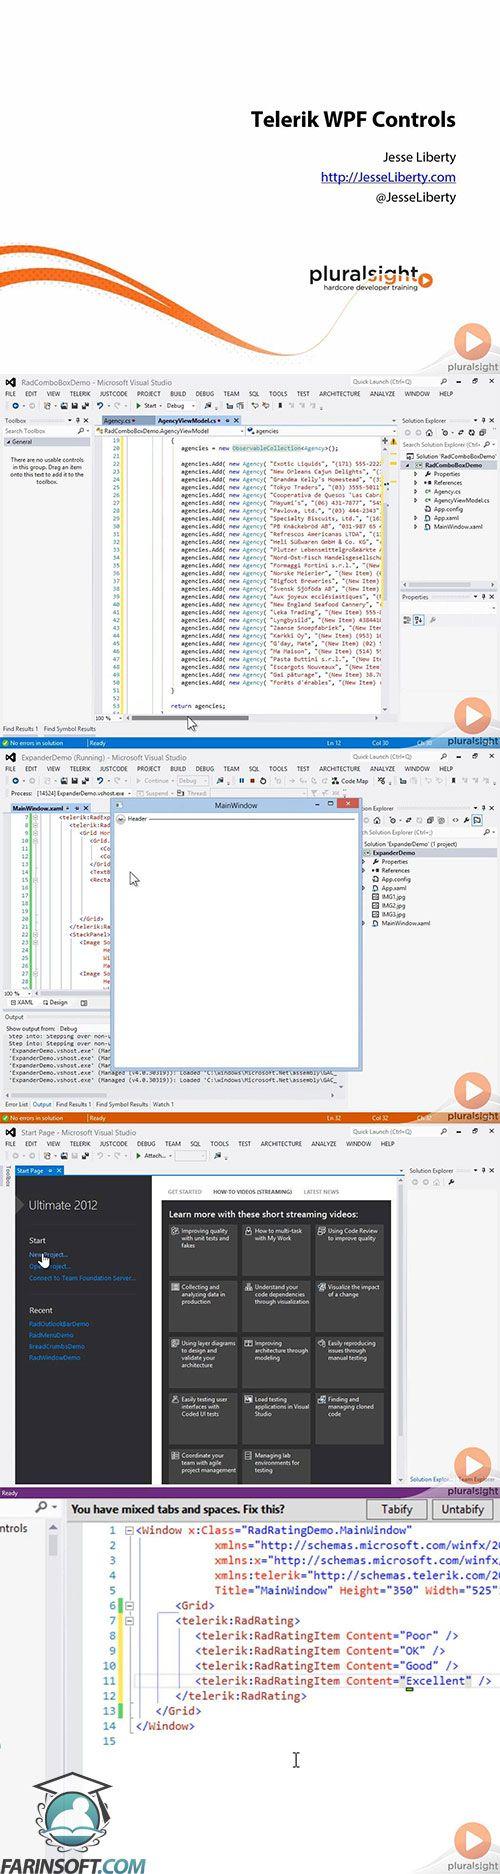 دانلود آموزش PluralSight Telerik WPF Controls